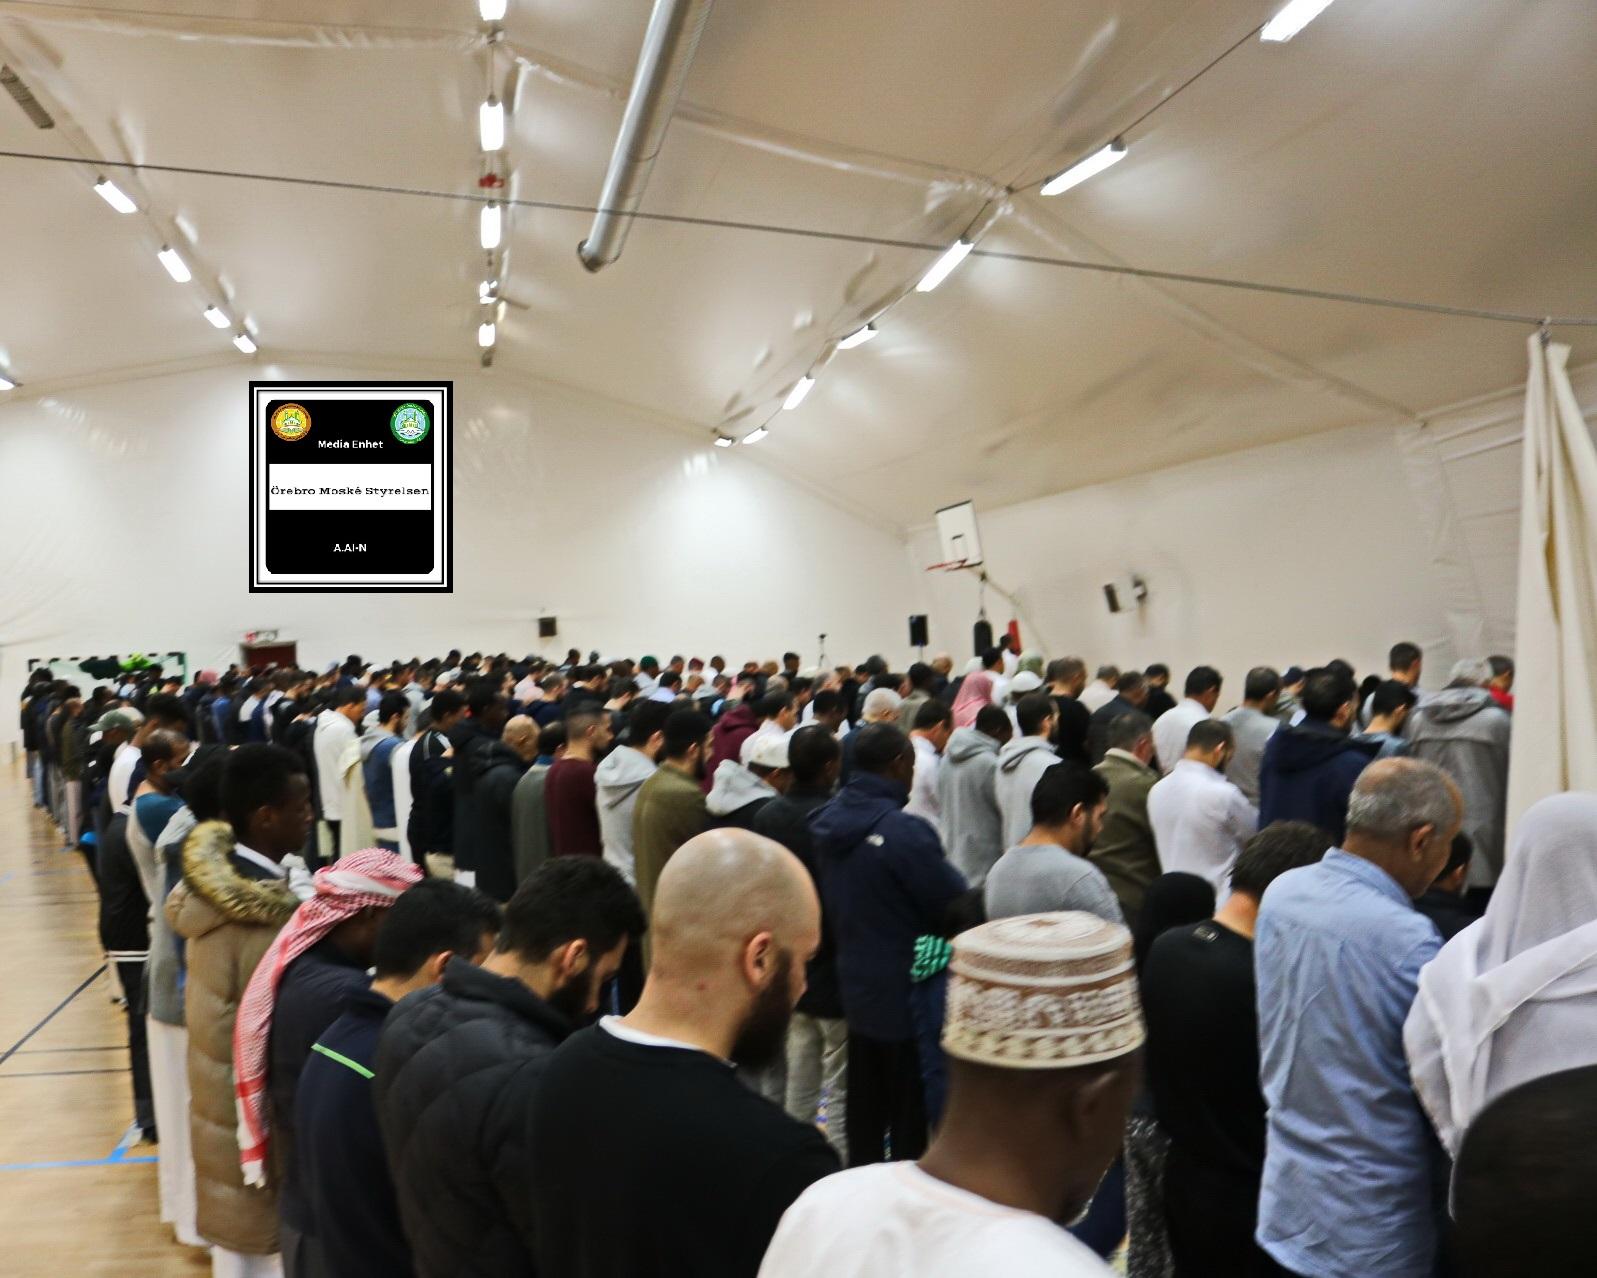 Ramadan Mubarak ***************************** صلاة العشاء لليوم السادس والعشرون من شهر رمضان المبارك ***************************** 2019-05-31 *************************** FILMED ON LOCATION *************************** Ballonghallen i Örebro